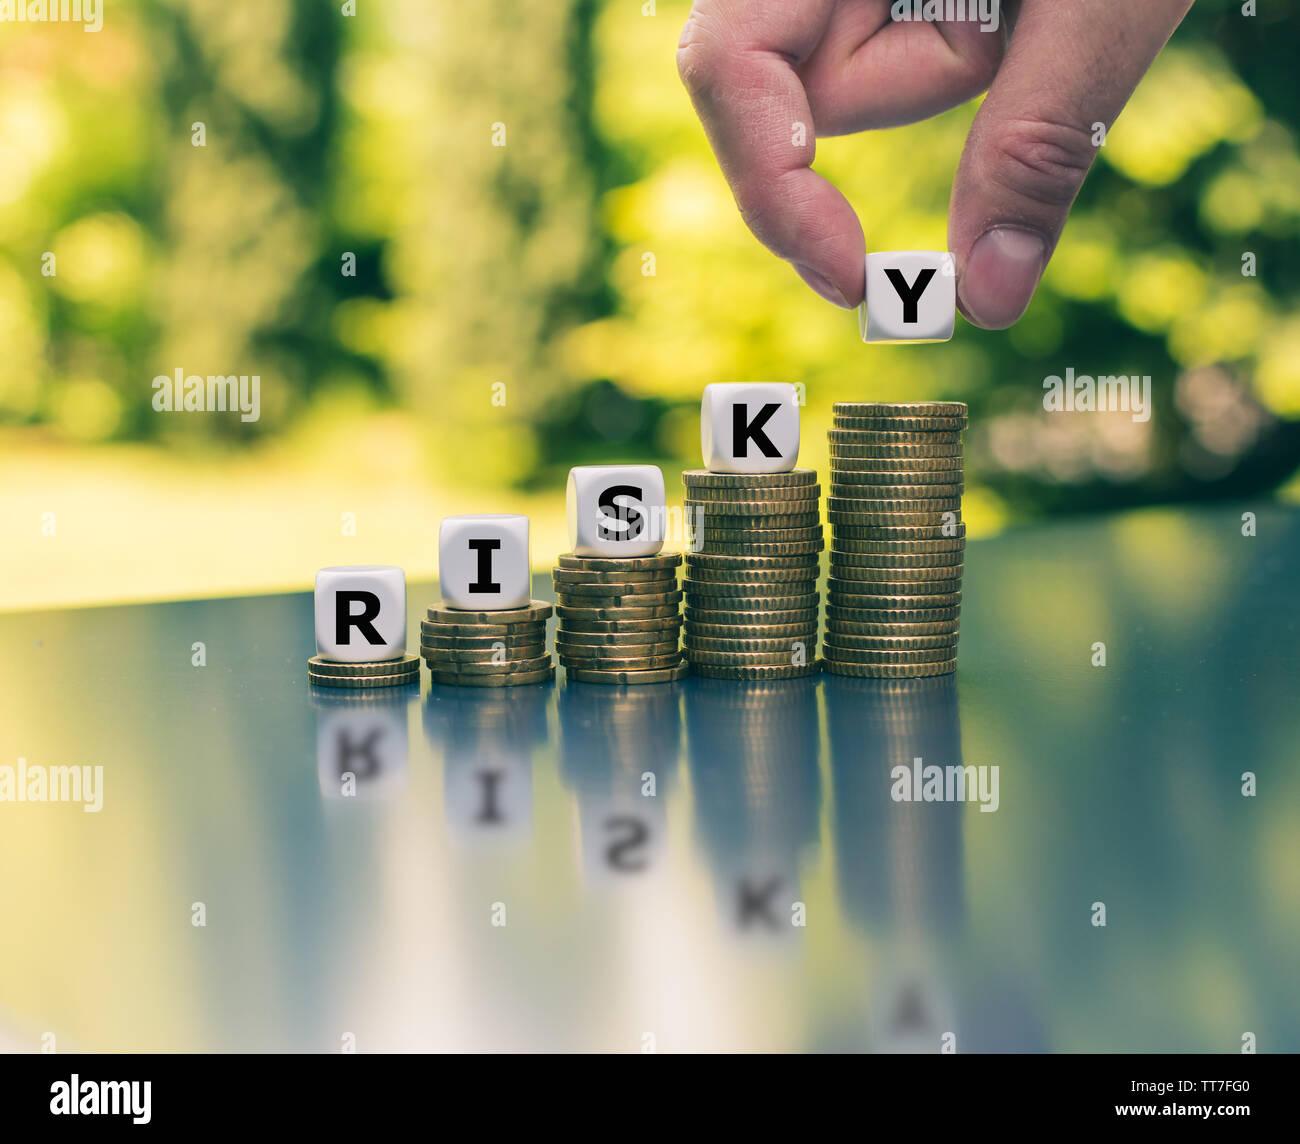 """Konzept einer zunehmenden hohen finanziellen Risiko. Würfel auf steigenden hohen Stapel von Münzen, die das Wort """"riskant"""" Form. Stockfoto"""